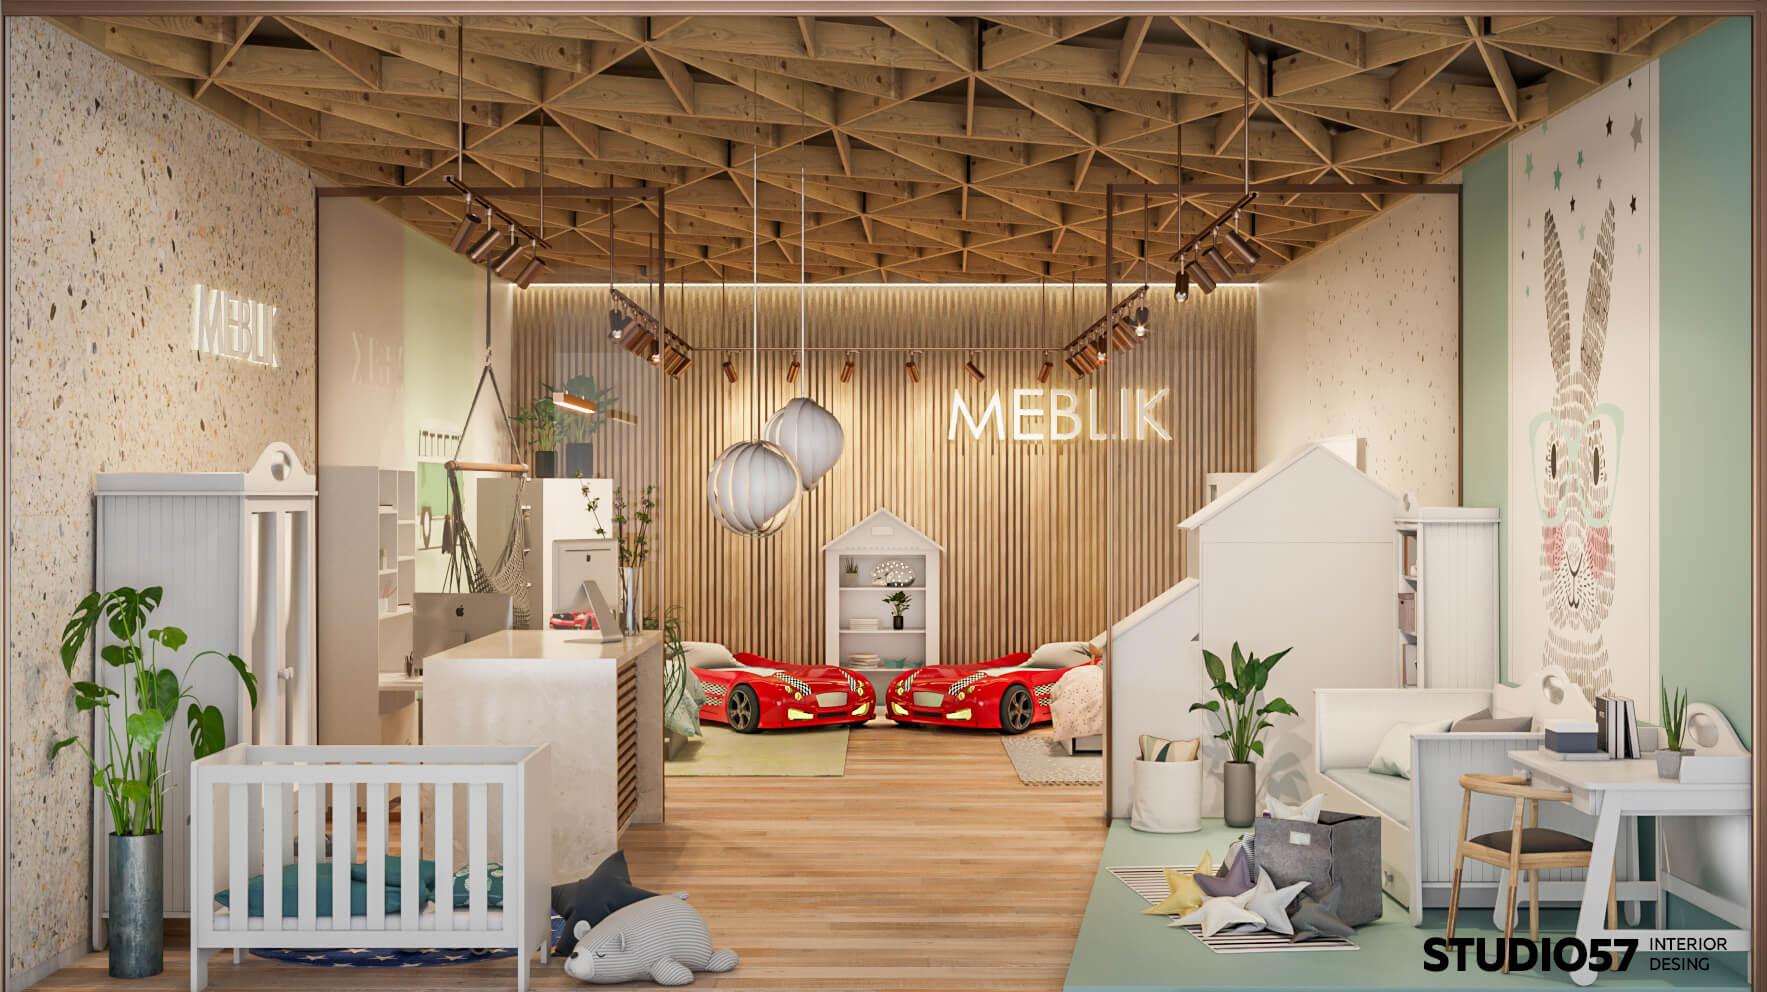 Дизайн интерьера магазина детской мебели